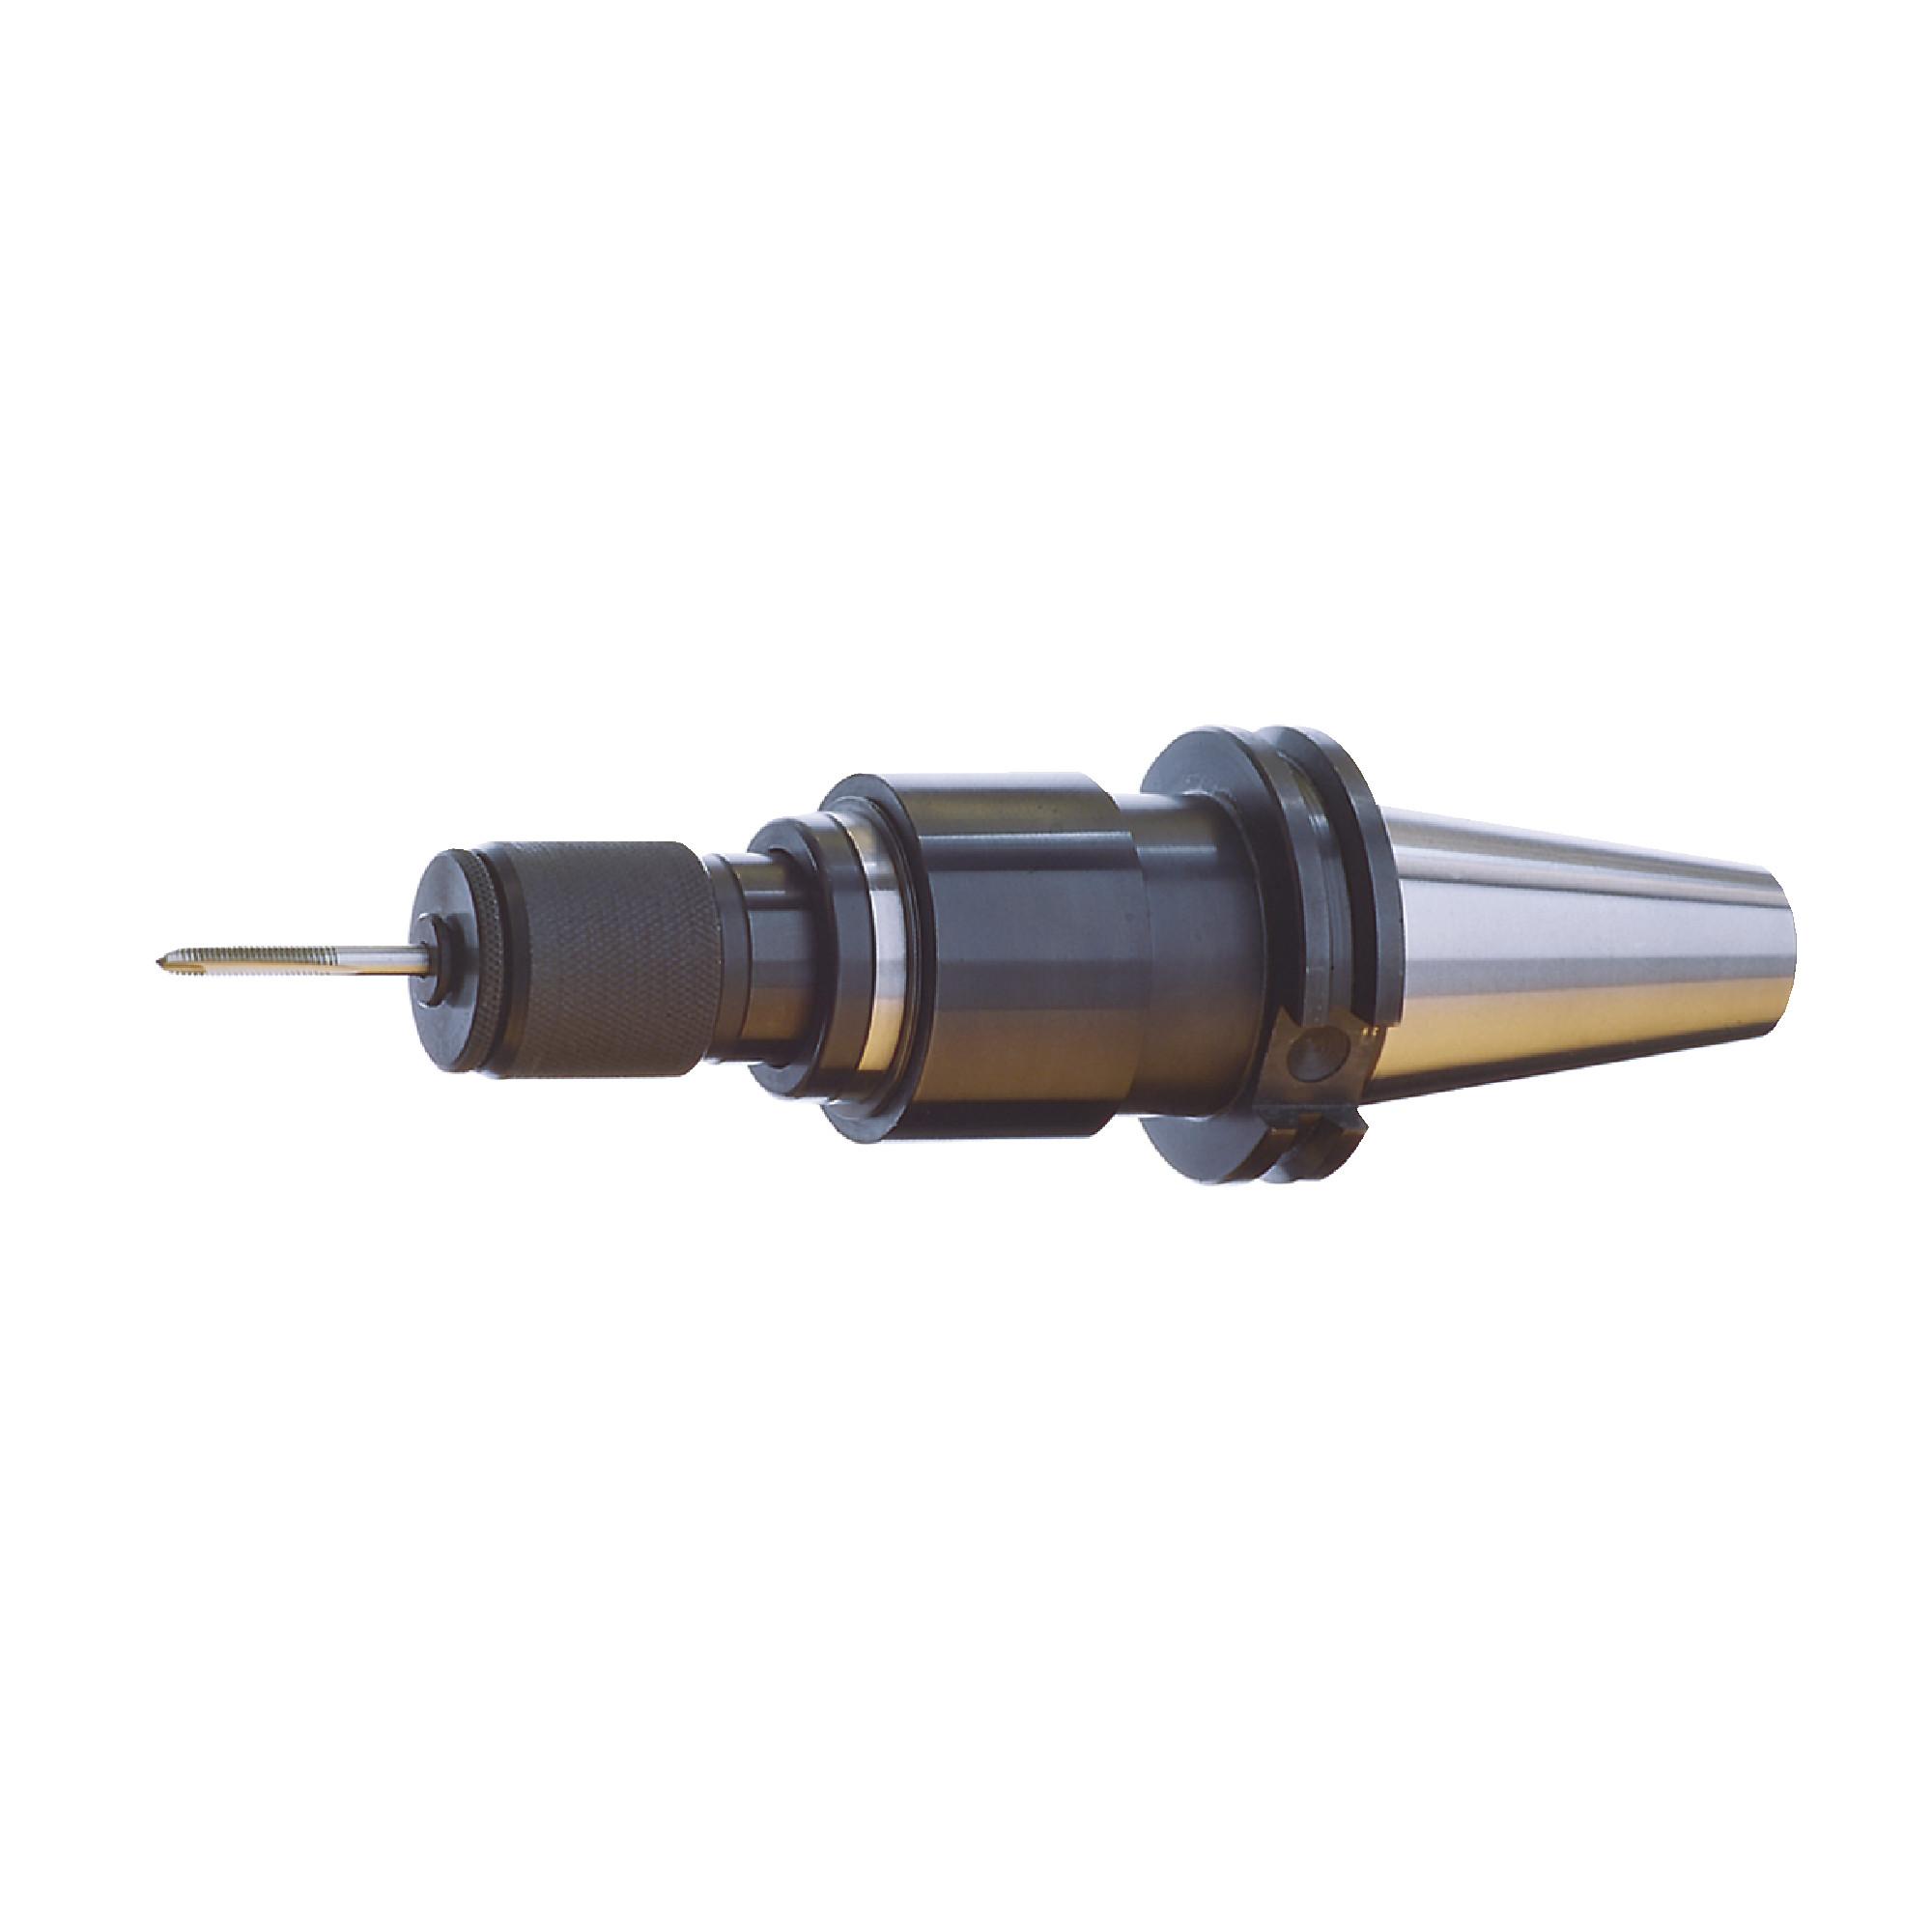 V-Flange Quick Change Tension & Compression Holder